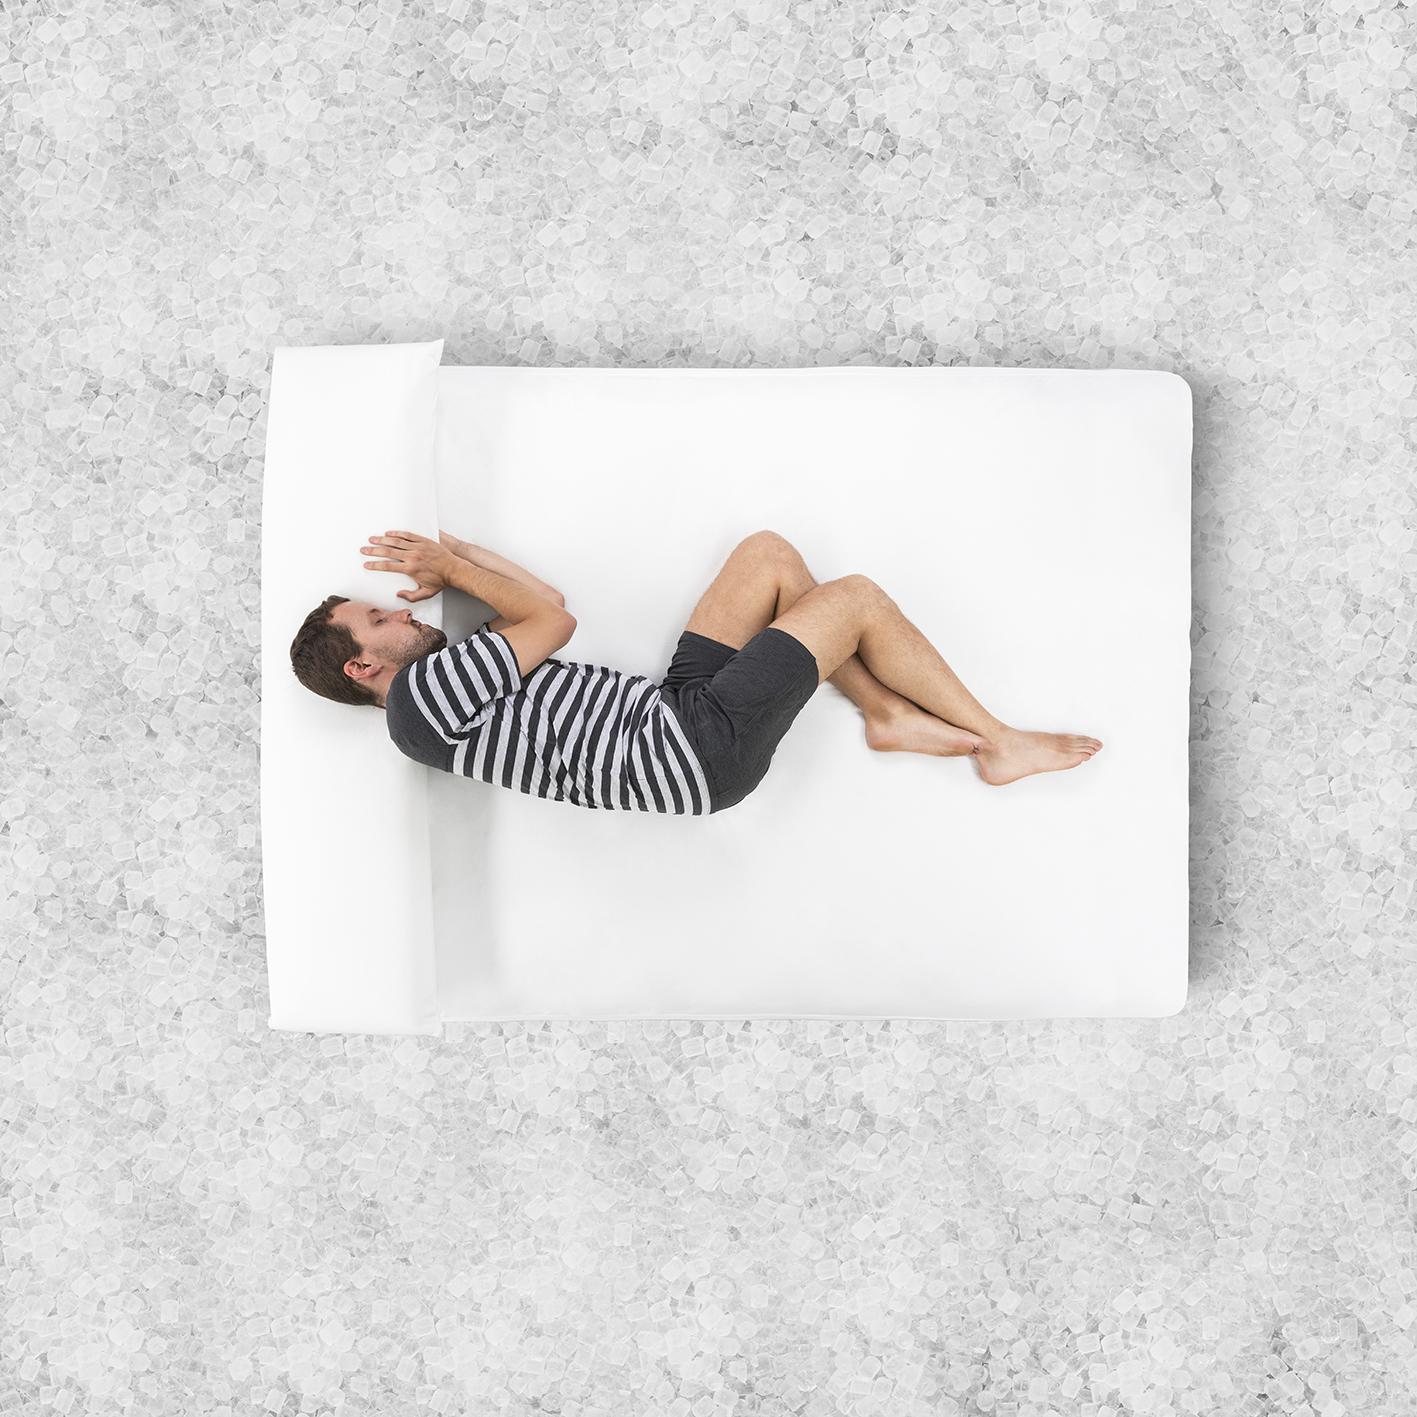 Fotografia publicitària per B-Dermofresh. Llit sobre gel.